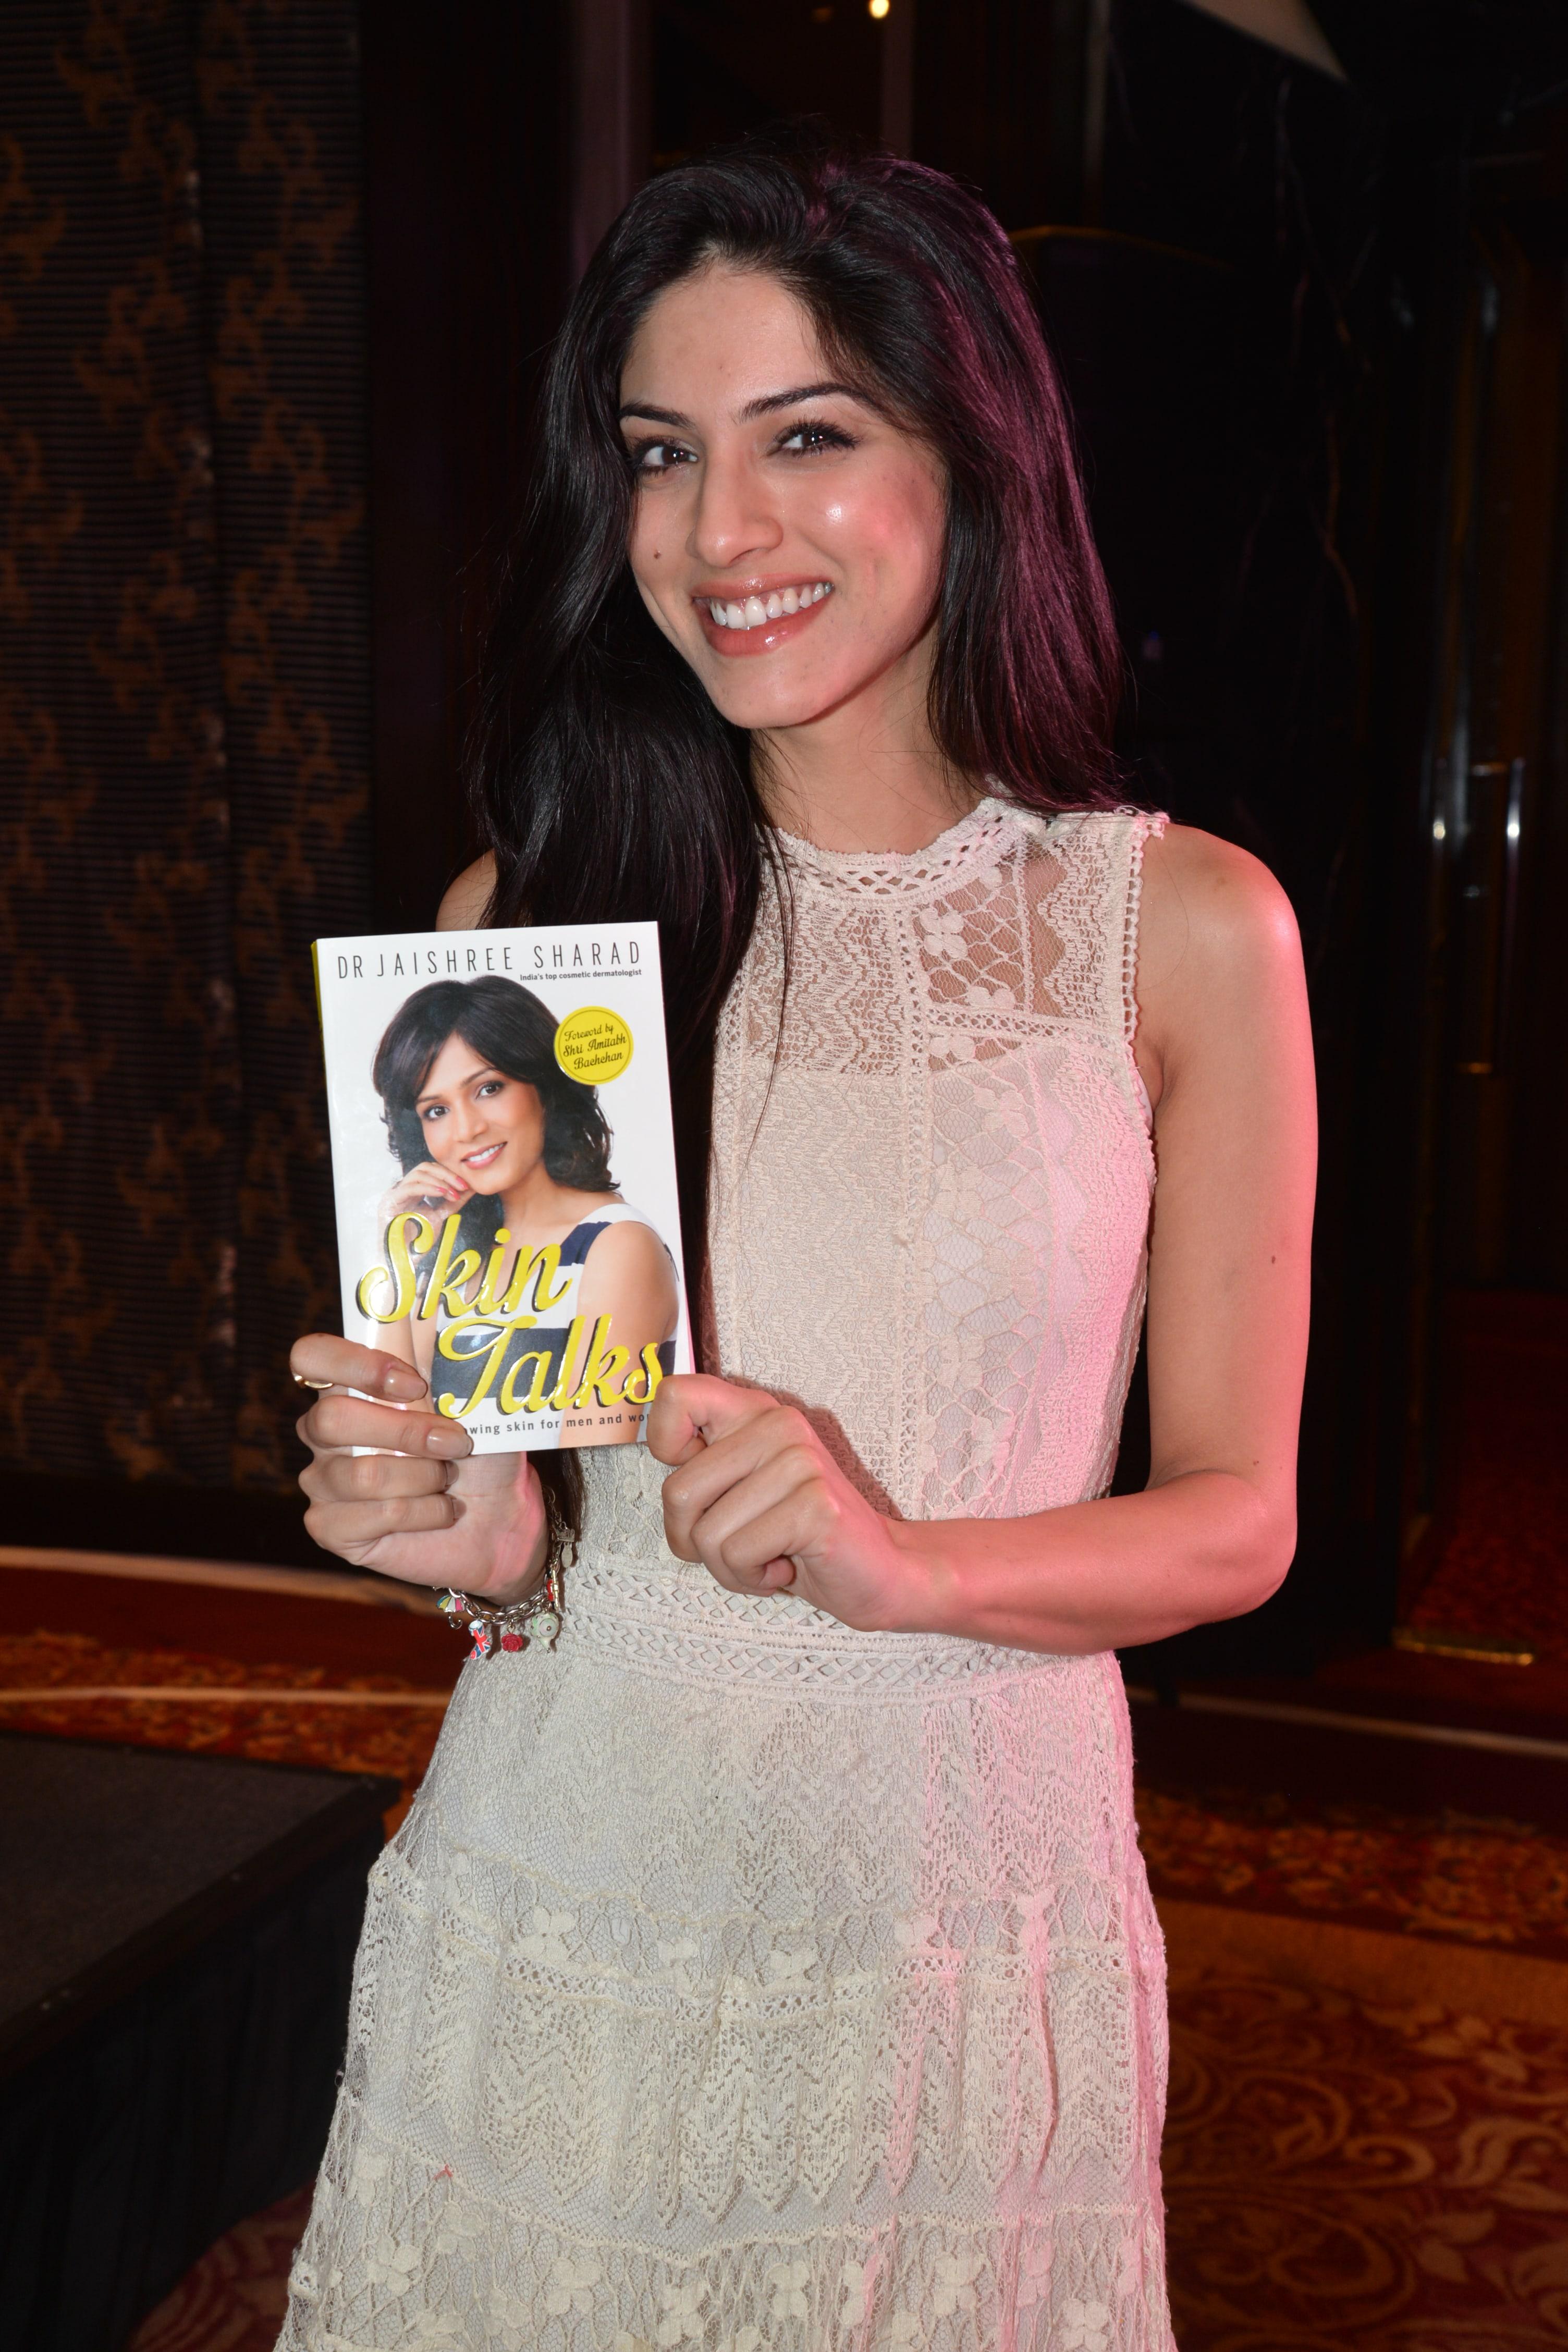 SapnaPabbi with her copy of Skin Talks